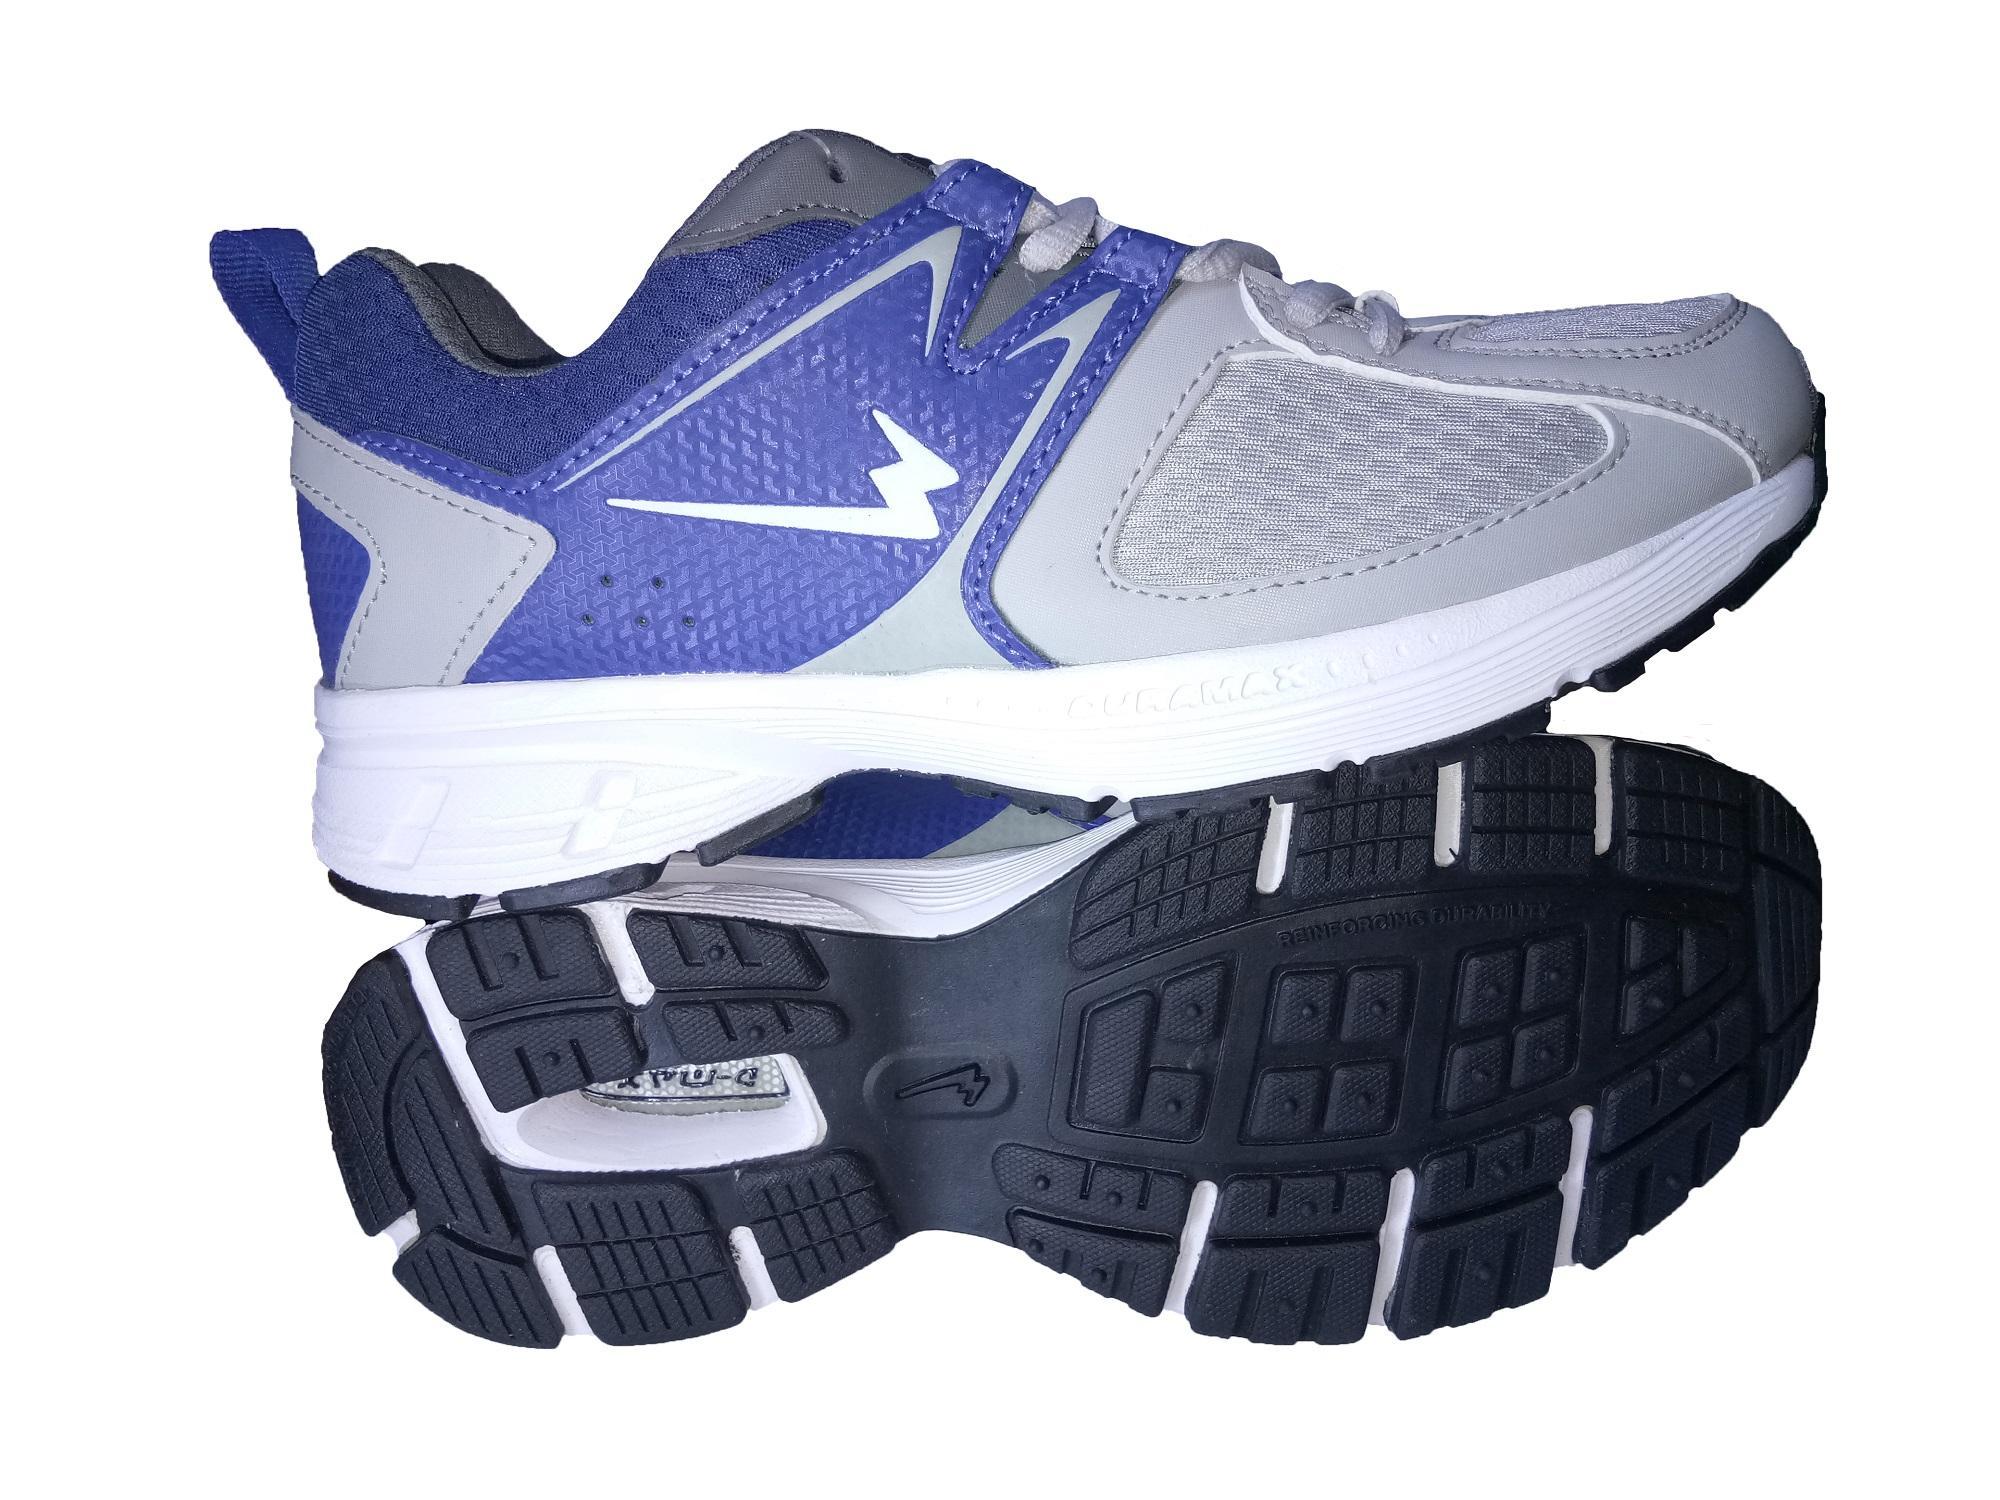 Sepatu Eagle Cerva Blue- Sepatu Sport Pria - Sepatu Lari - Sepatu Pria -  Sepatu e5002b7553